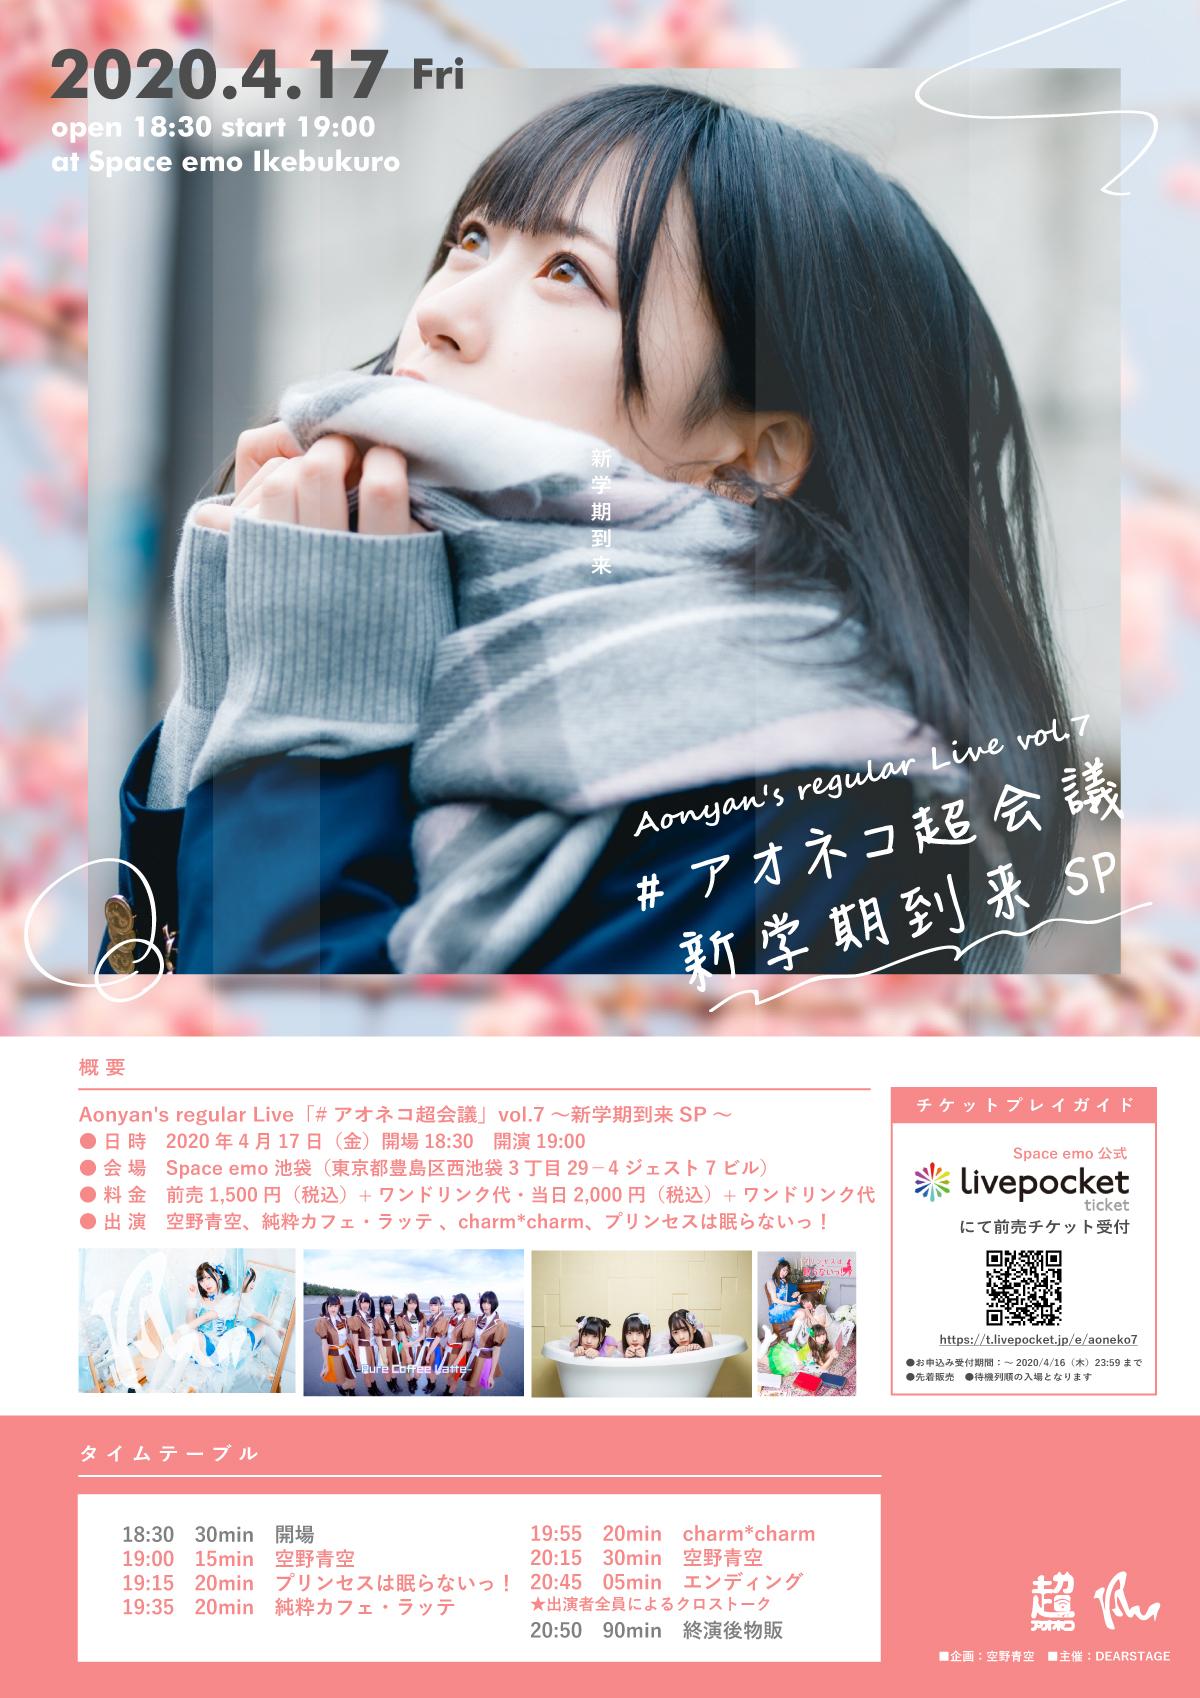 【前売チケット専用】『Aonyan's regular Live「#アオネコ超会議」vol.7~新学期到来SP~』